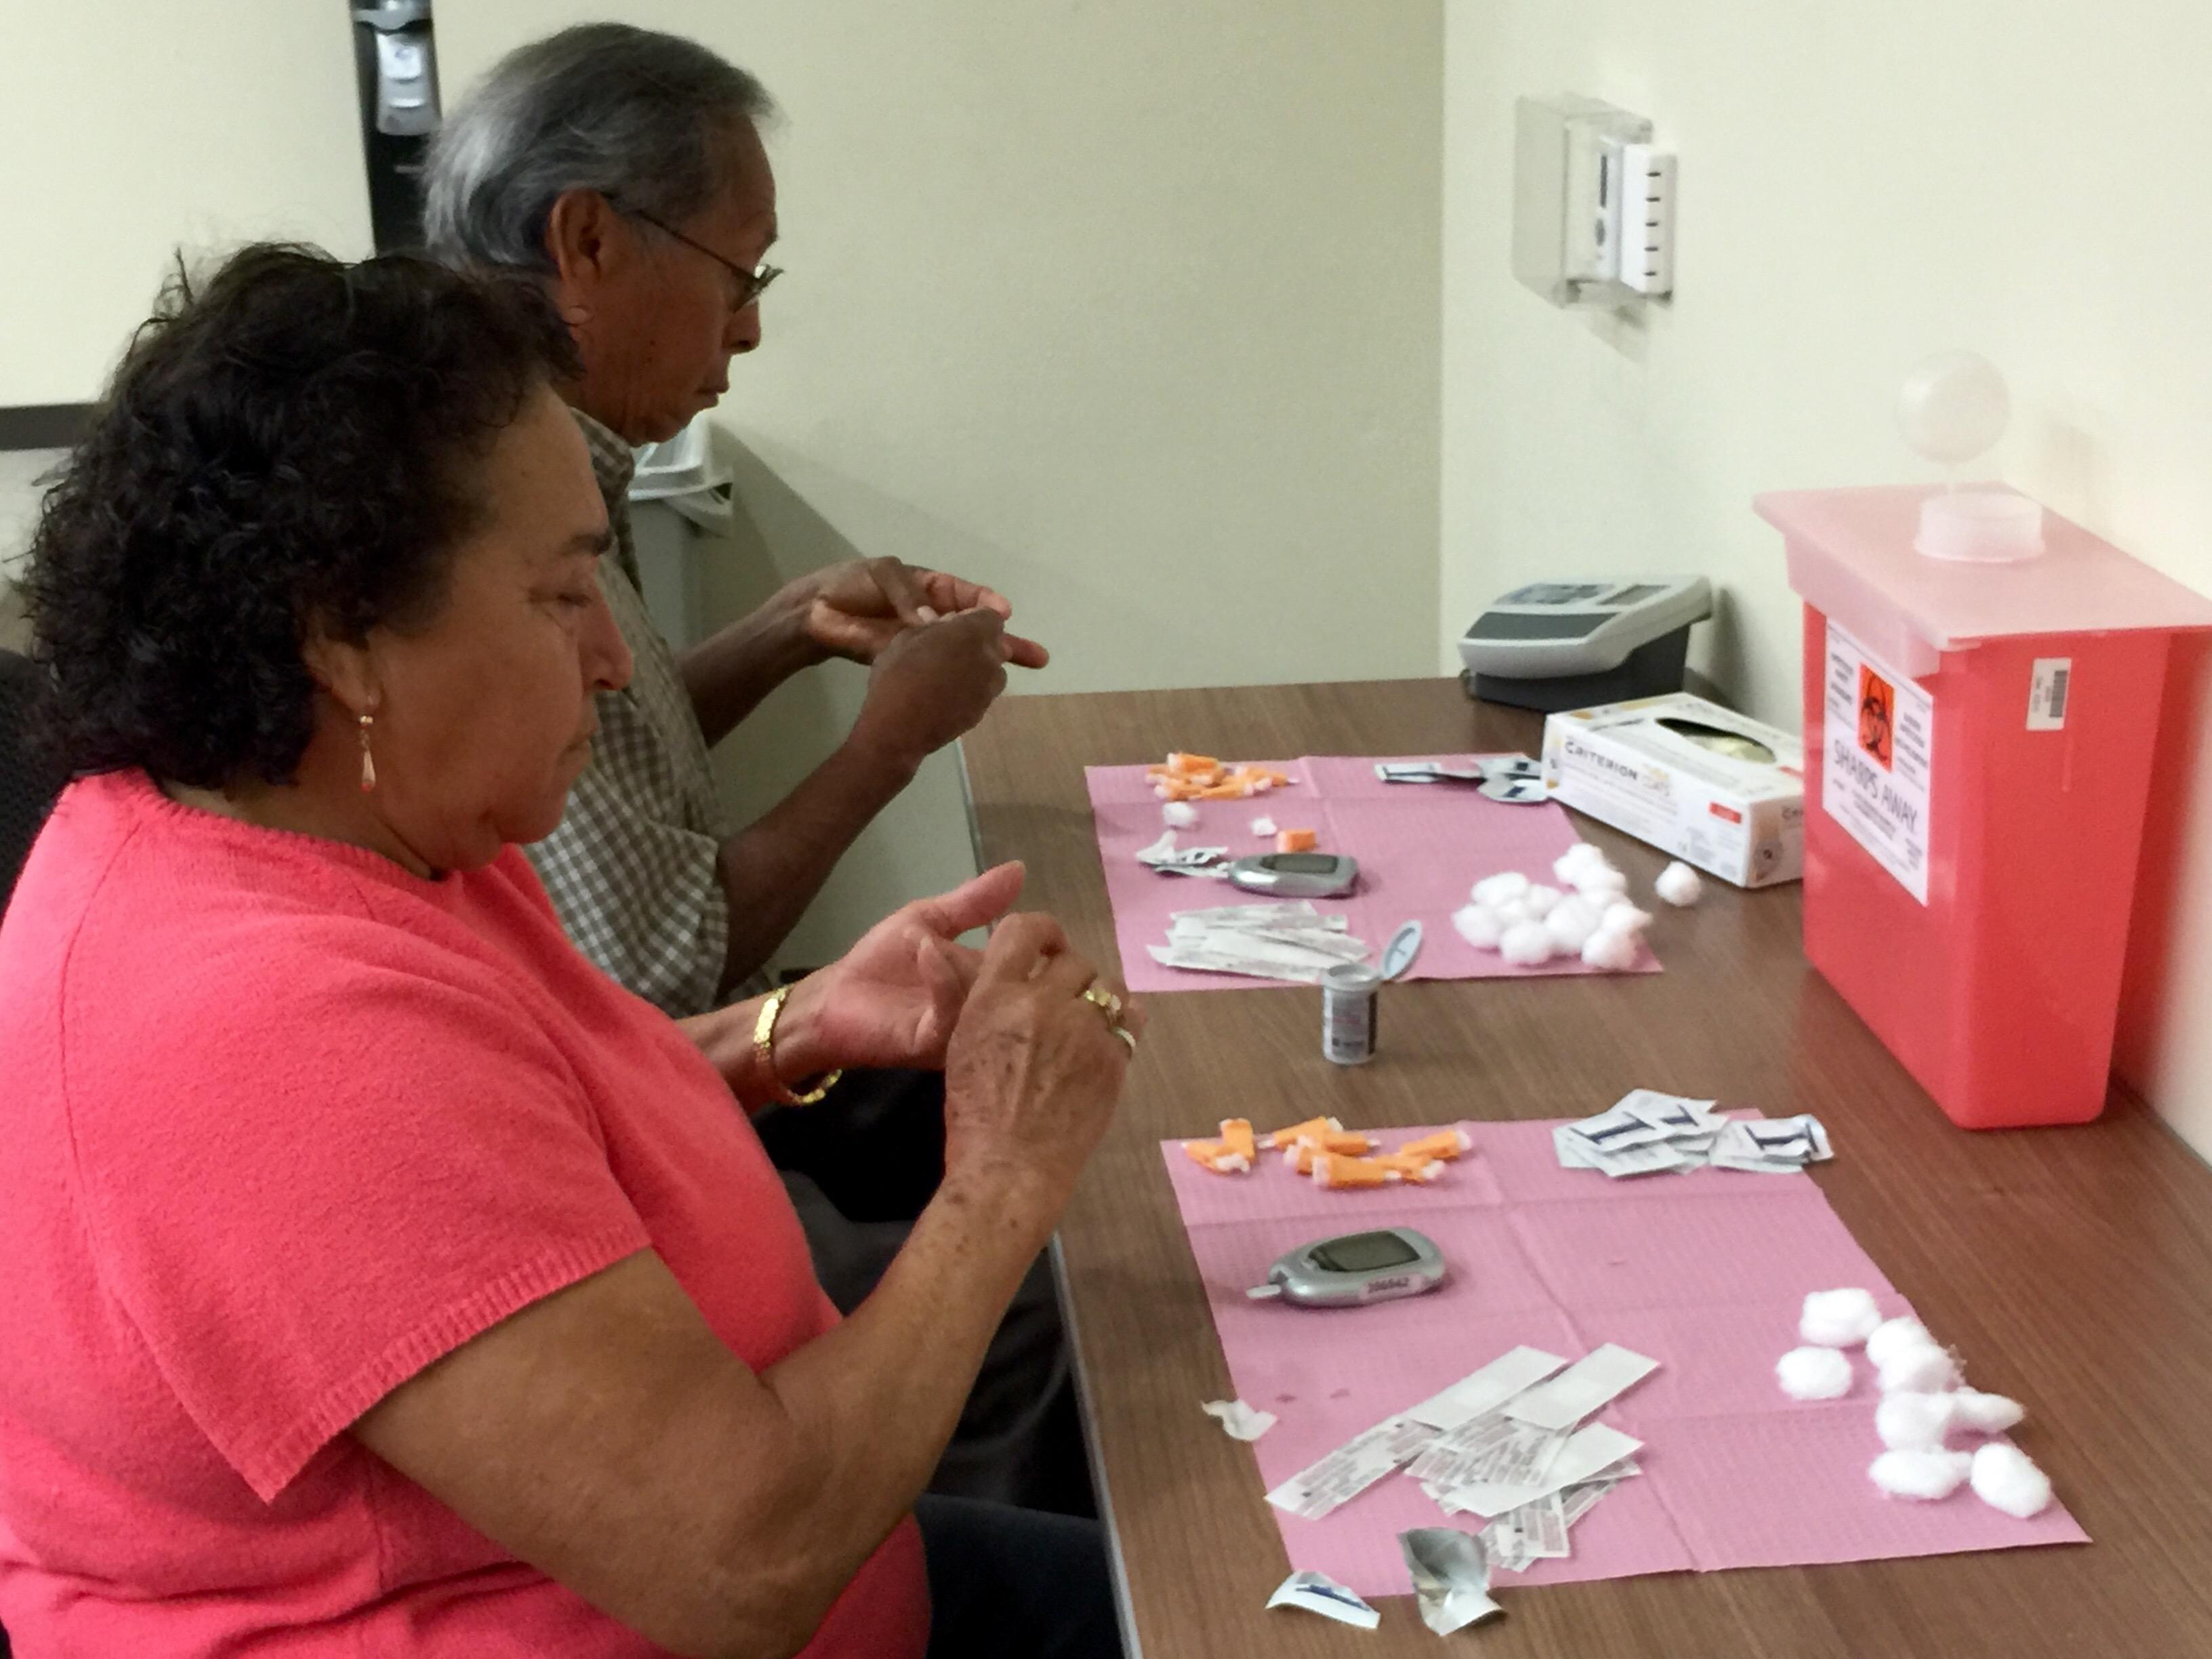 Se hacen la prueba de la diabetes. Foto: Araceli Martínez.